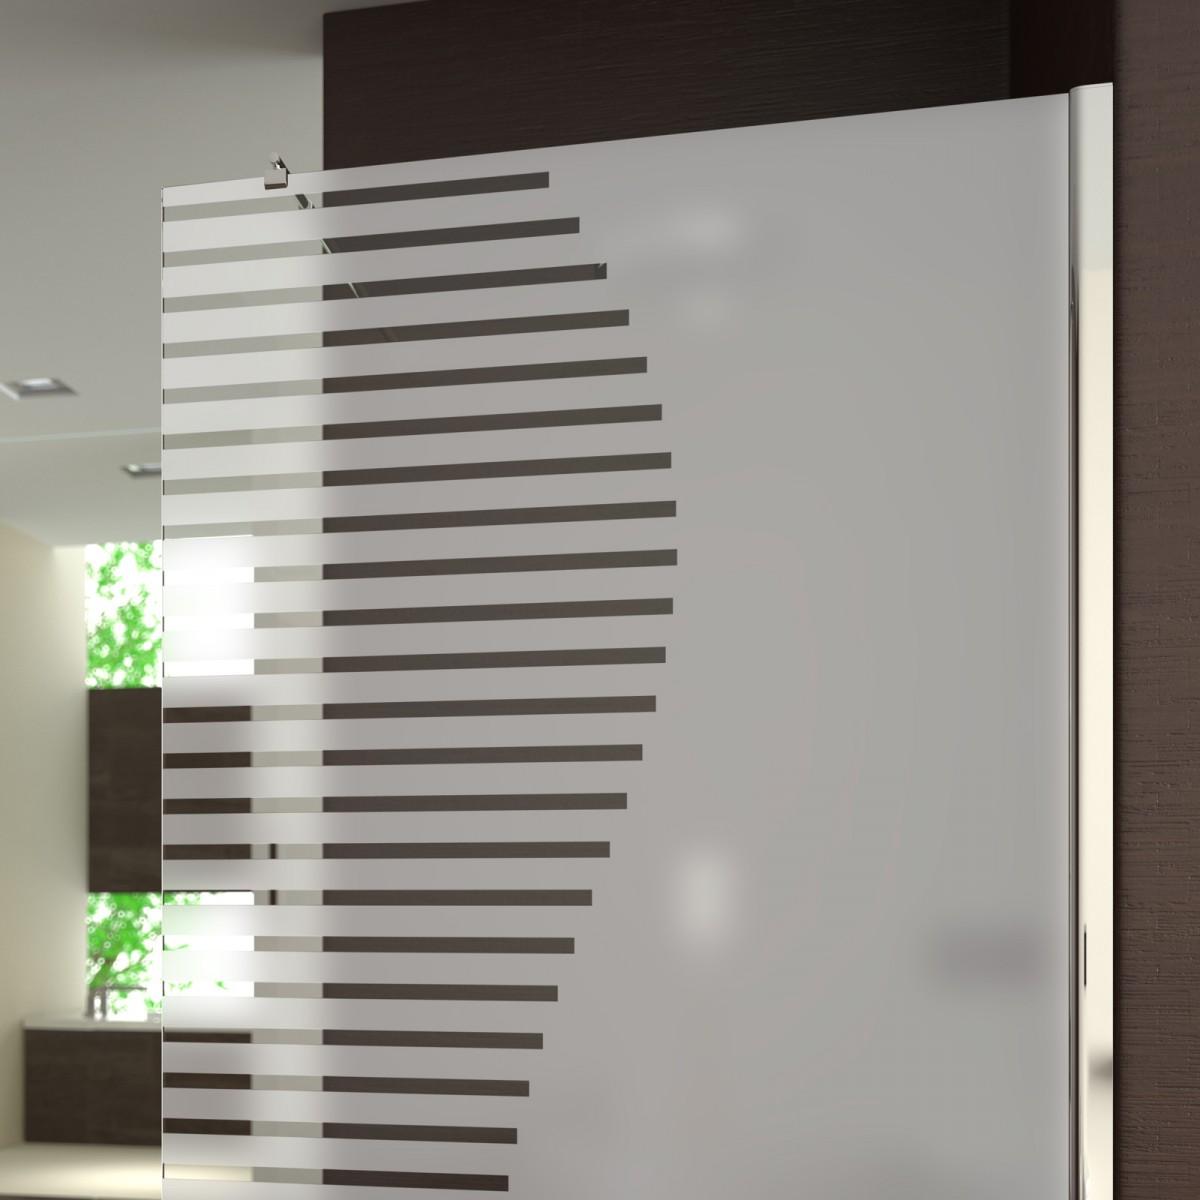 getntes plexiglas elegant buche fineline cm x cm x cm with tischplatte zuschneiden lassen with. Black Bedroom Furniture Sets. Home Design Ideas